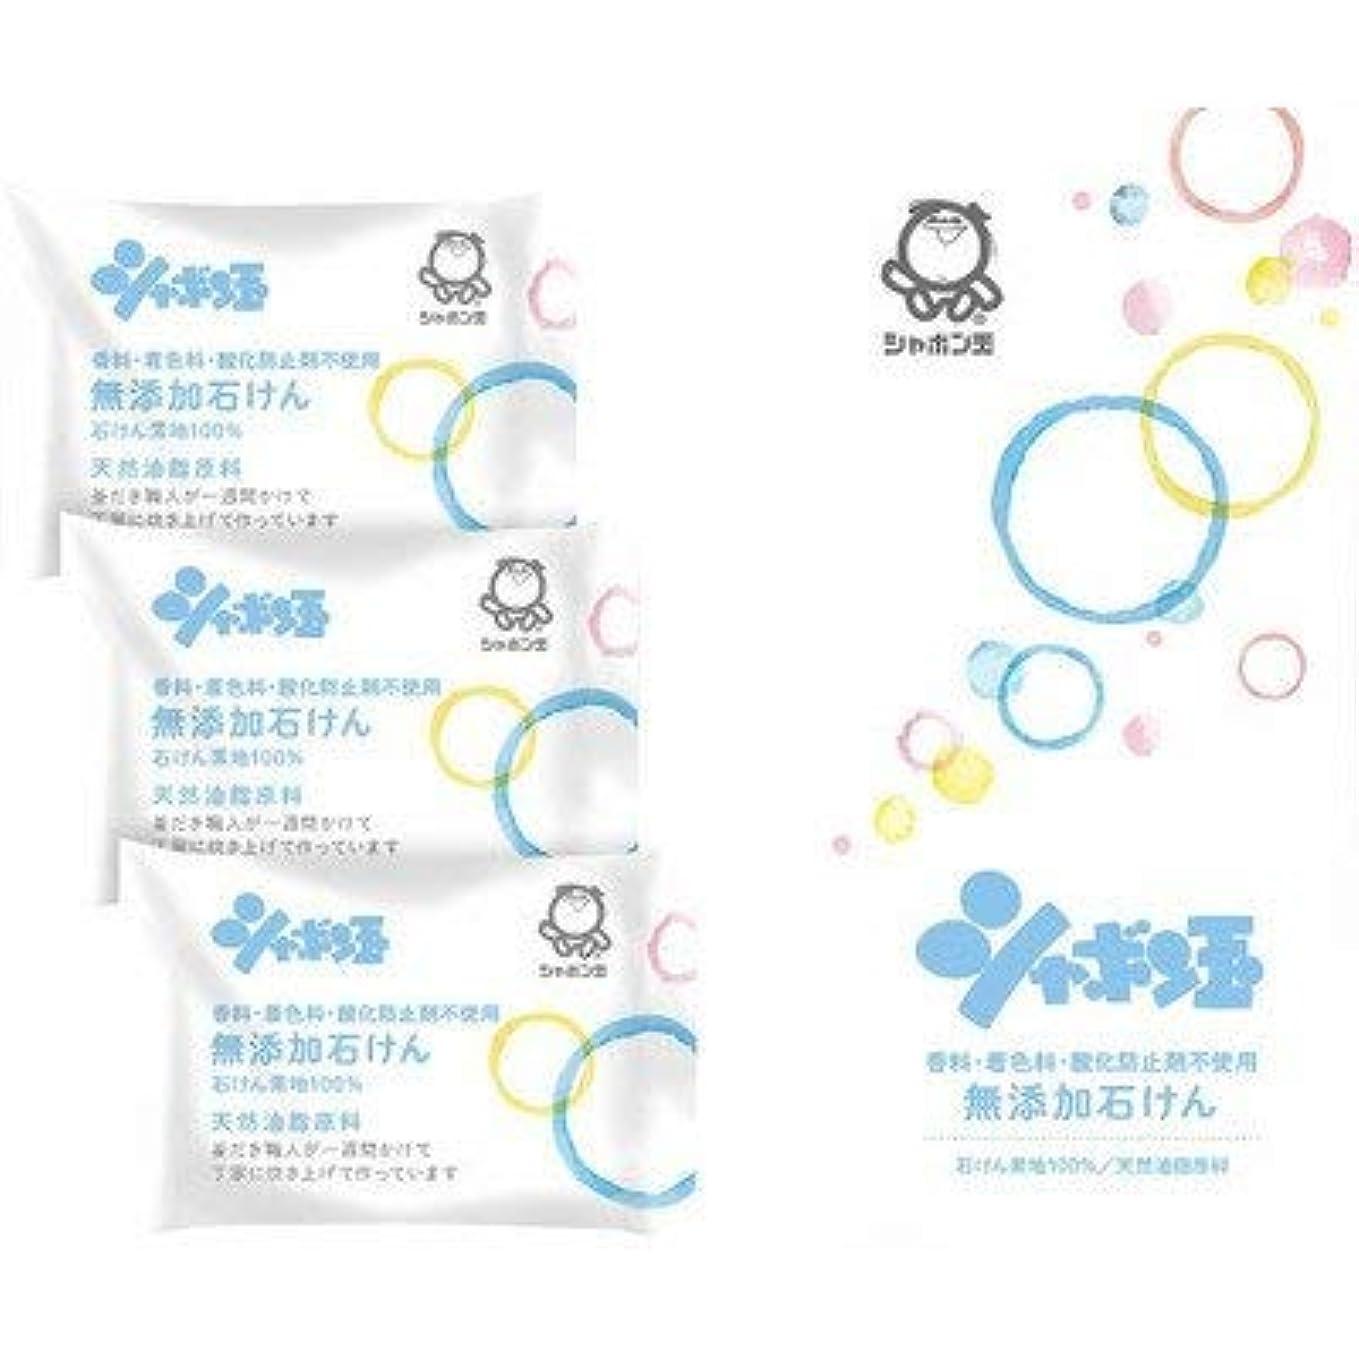 遺伝的建築委任する【ギフトセット】 シャボン玉無添加石鹸ギフトセット SMG-5B